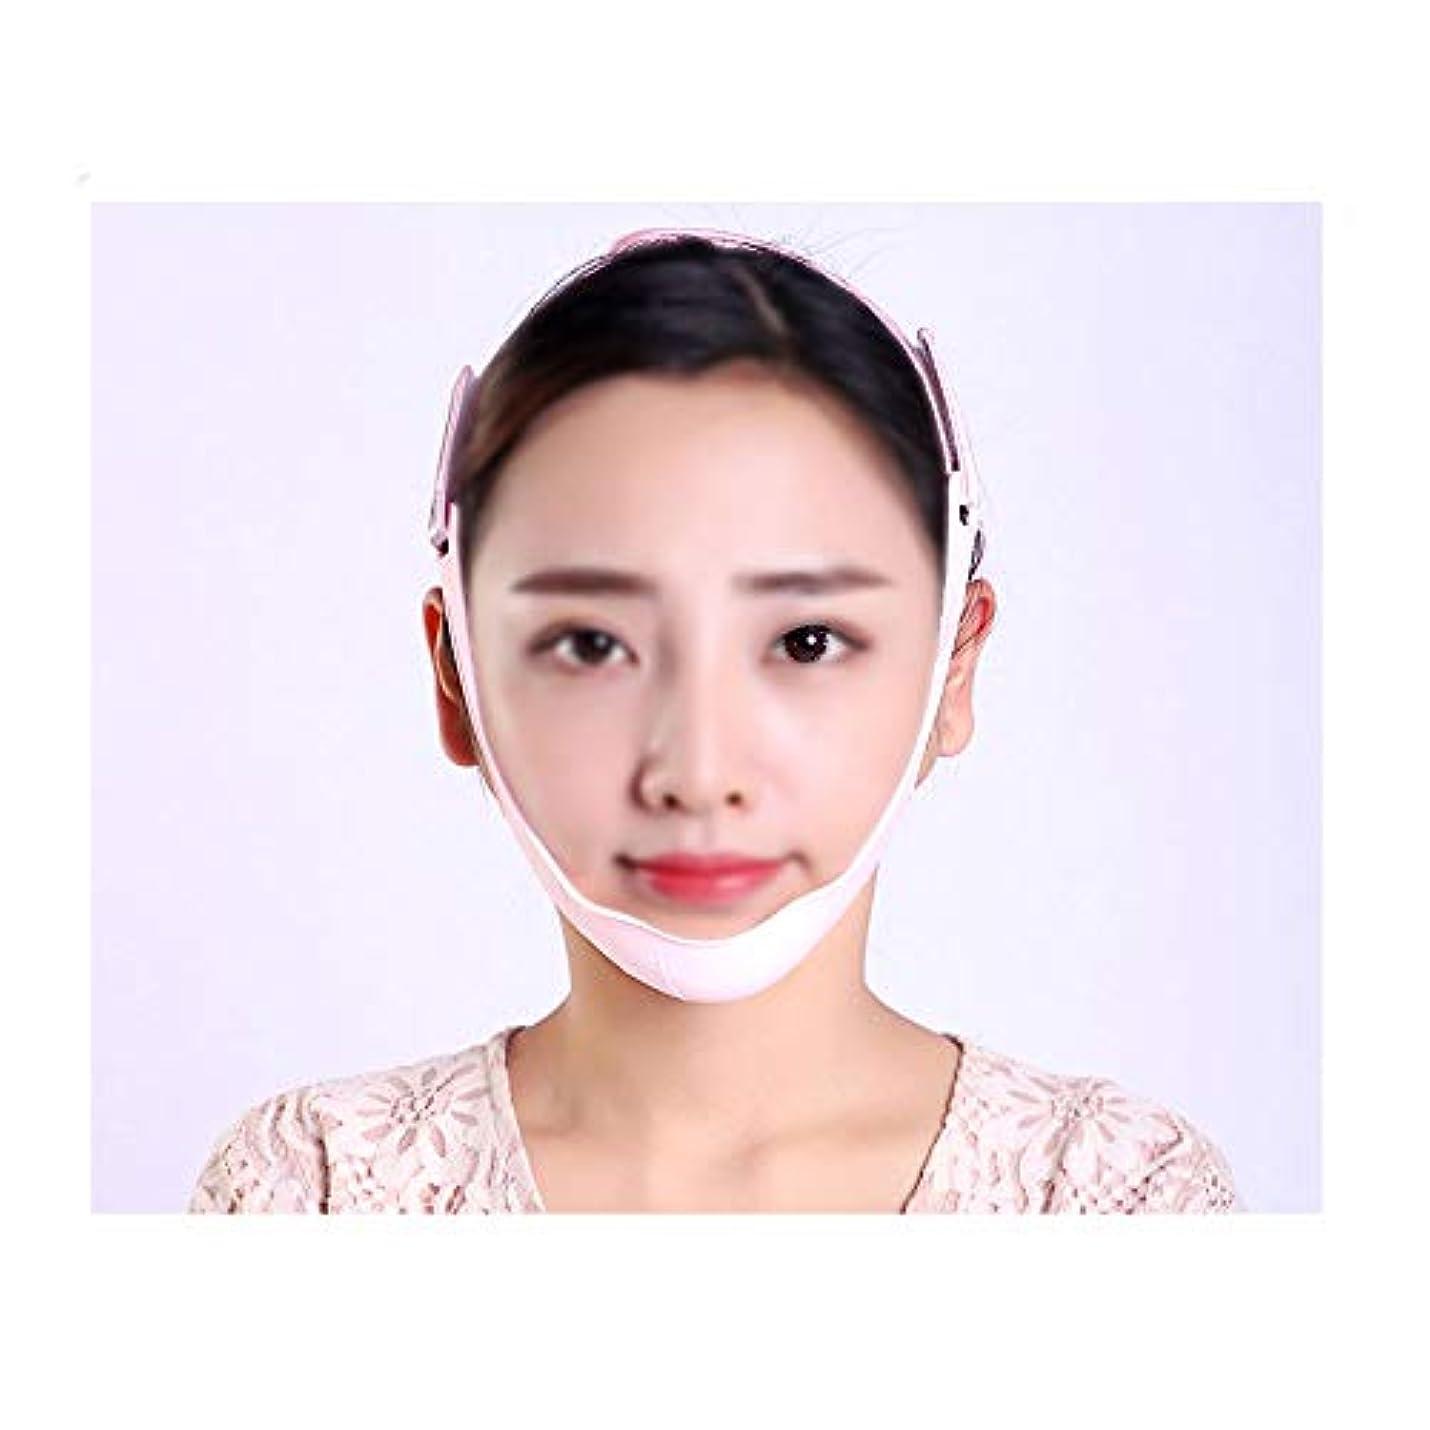 無一文短命奇跡的なGLJJQMY フェイシャルファーミングマスクリフティングフェイシャルファーミングボディマッセンスキニー包帯通気性二重層顎痩身マスク 顔用整形マスク